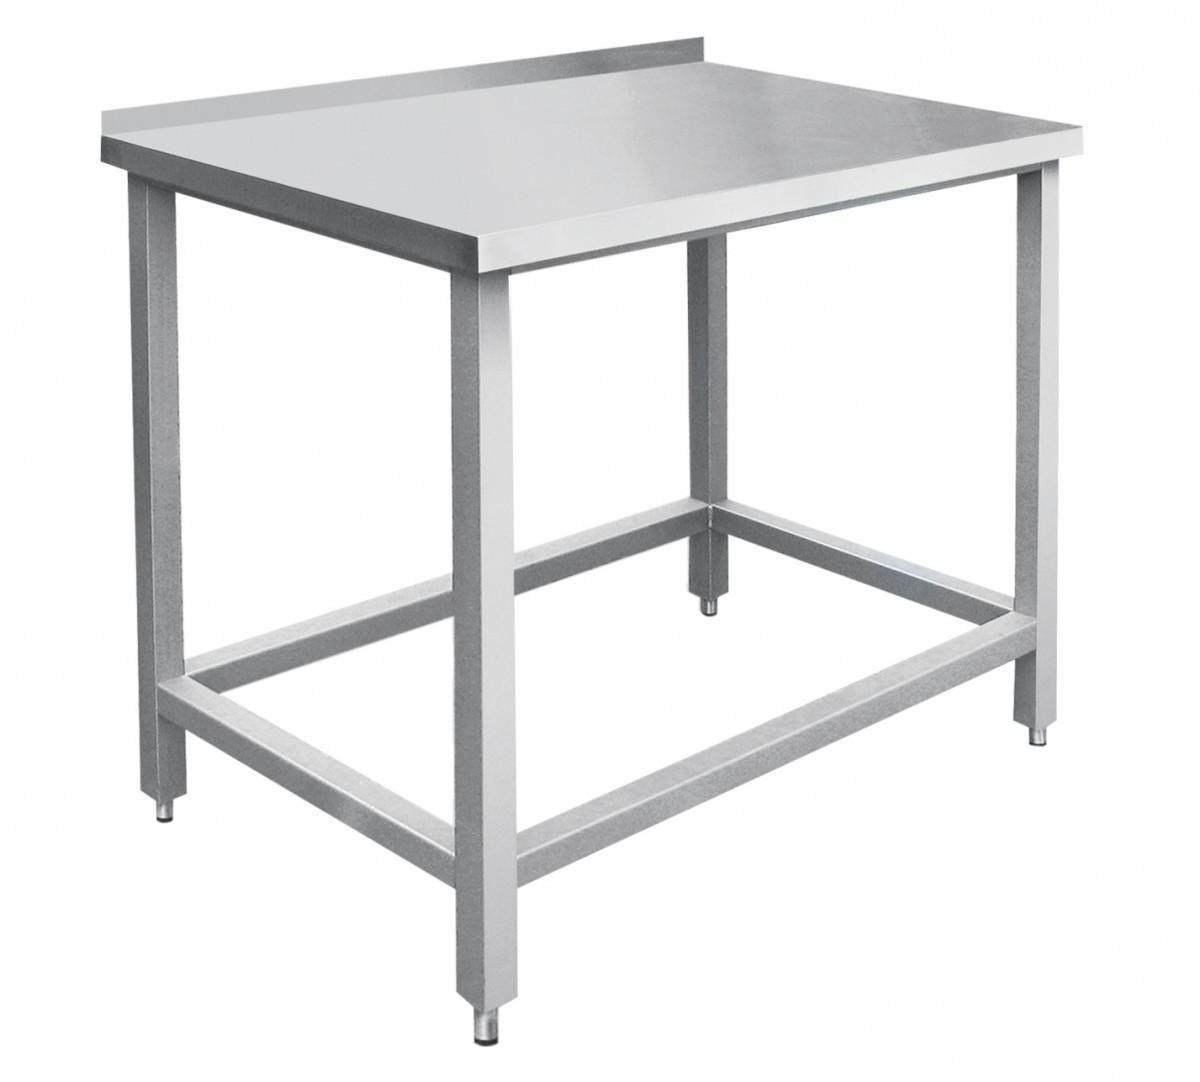 Столы производственные пристенные типа СПРП (каркас крашеный, без полки) Abat